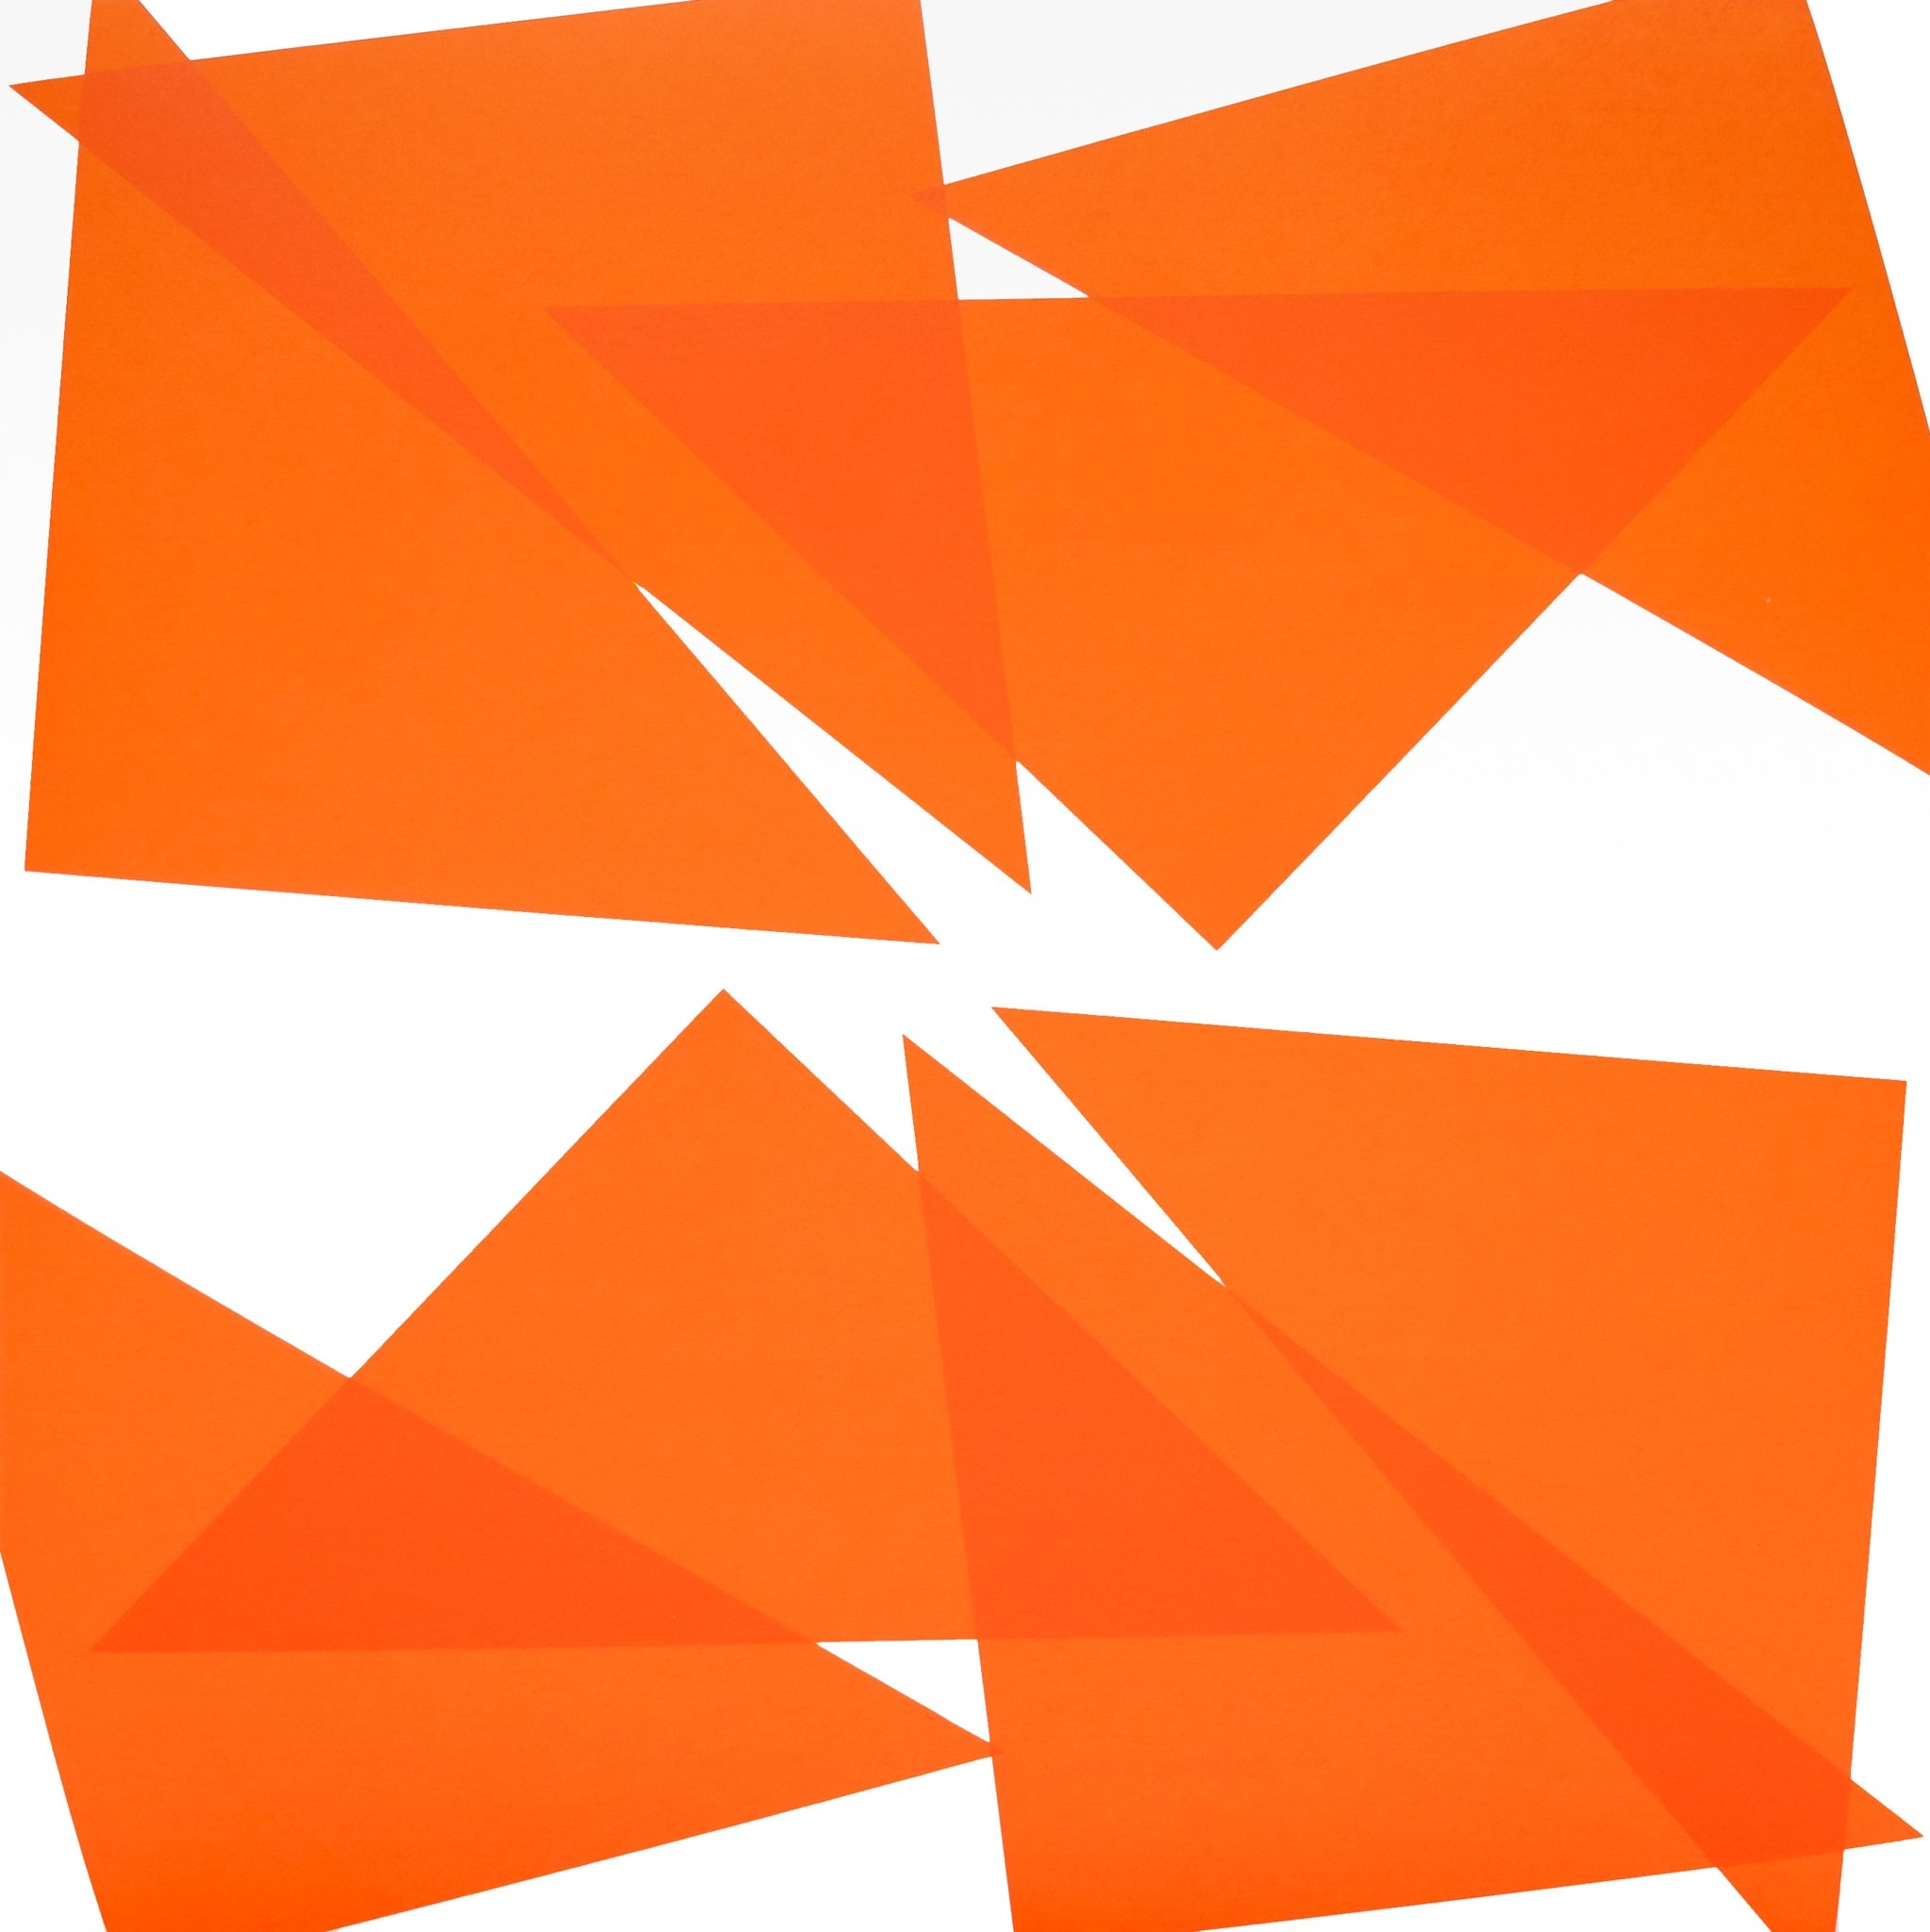 24 Triangles-1 by Vera Molnar